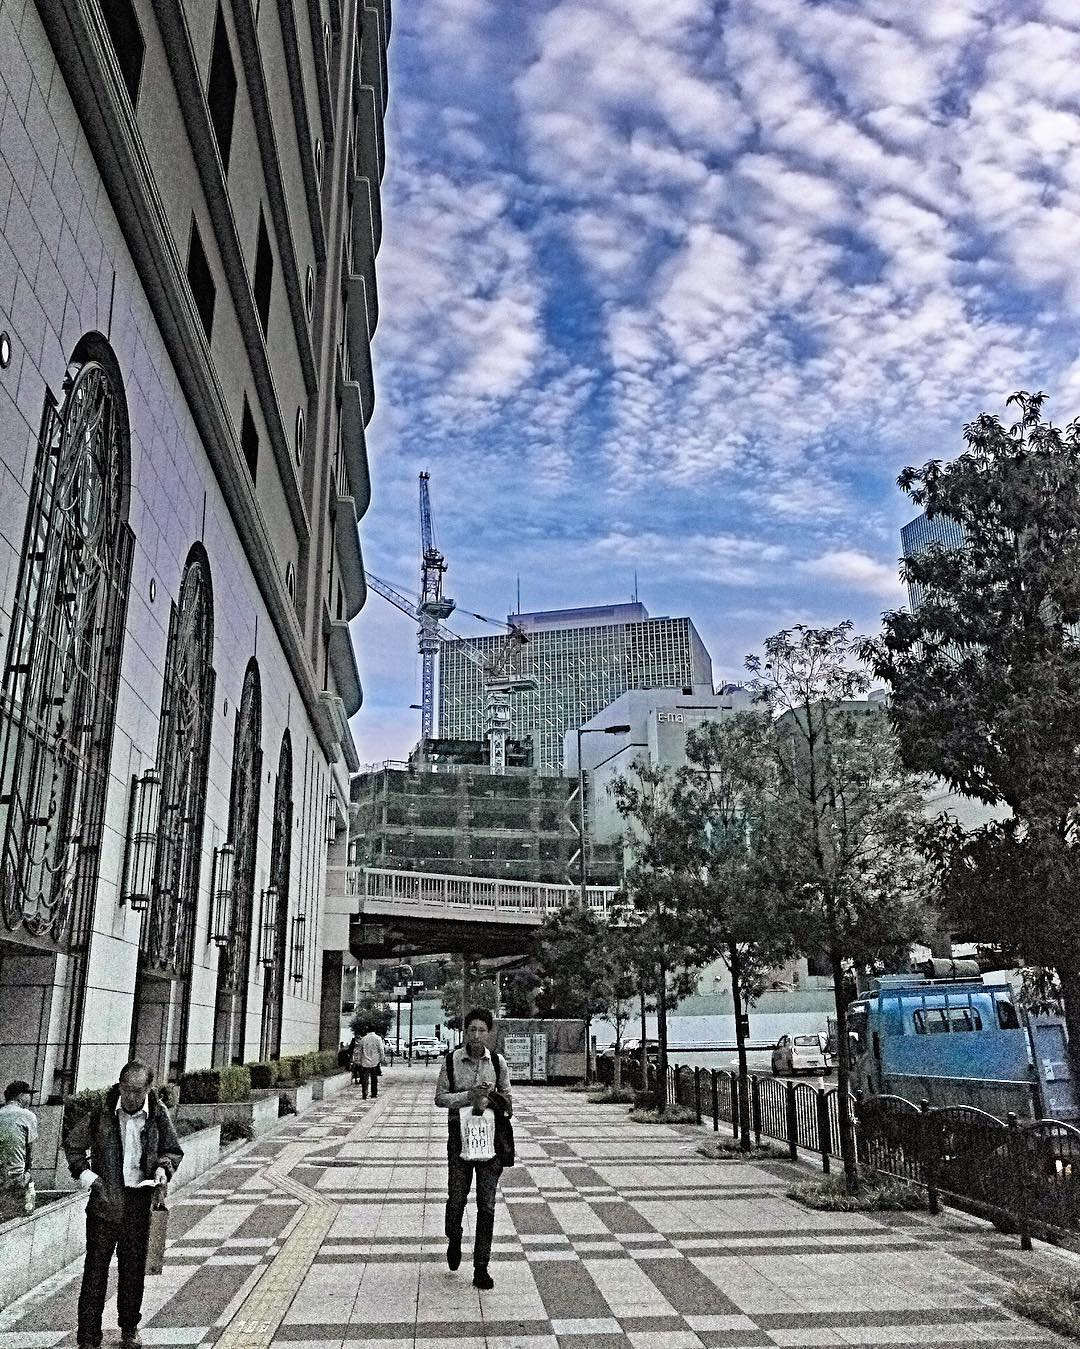 15337188 102148393606423 968270720134021120 n 카메라버전   Gr2 오사카 여행 일본 풍경